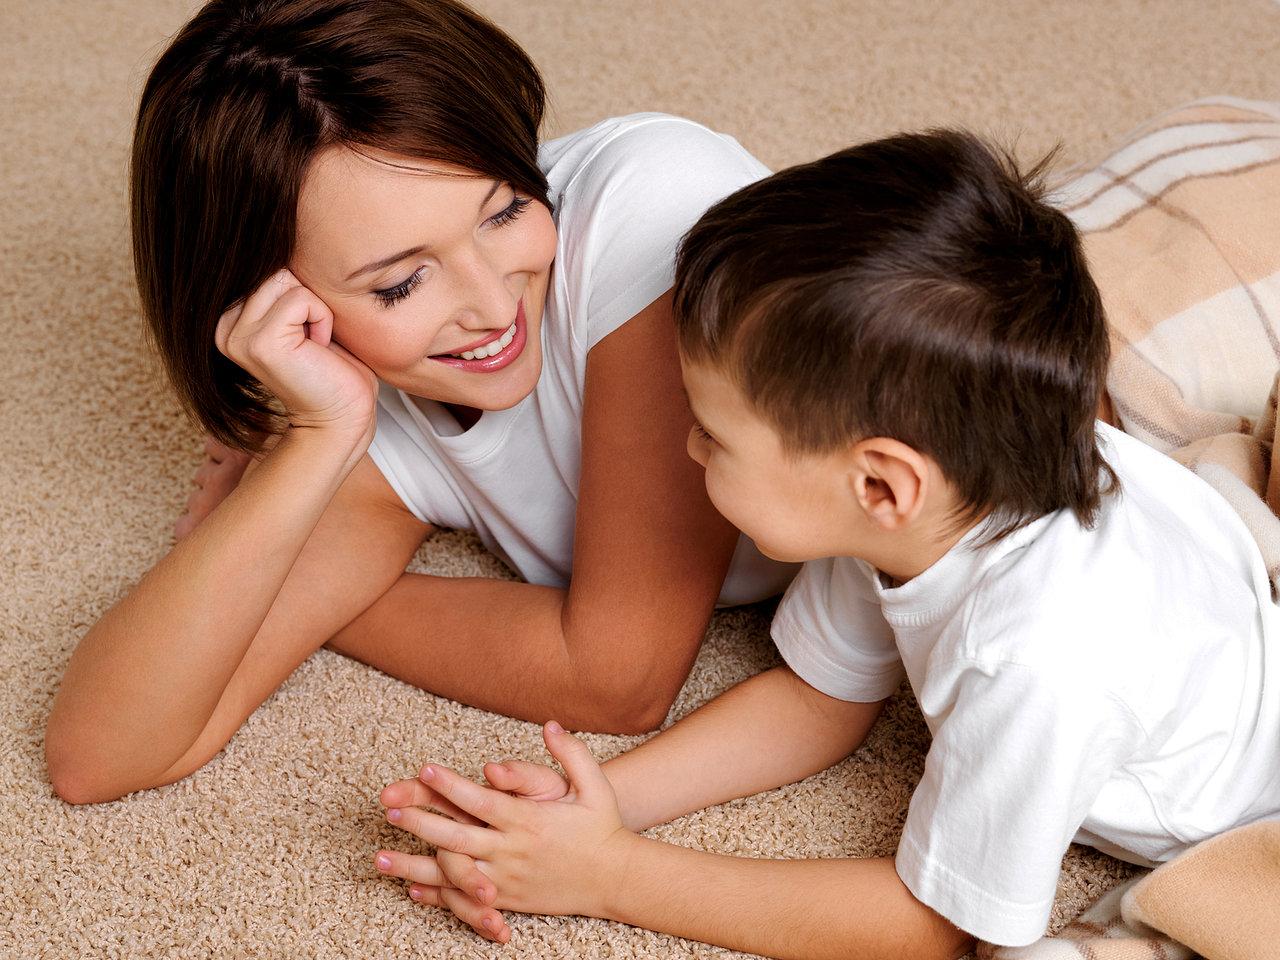 Фото мама с друзьями сына, Мама и сын » Инцест фото. Порно мамы и сына, папы 24 фотография